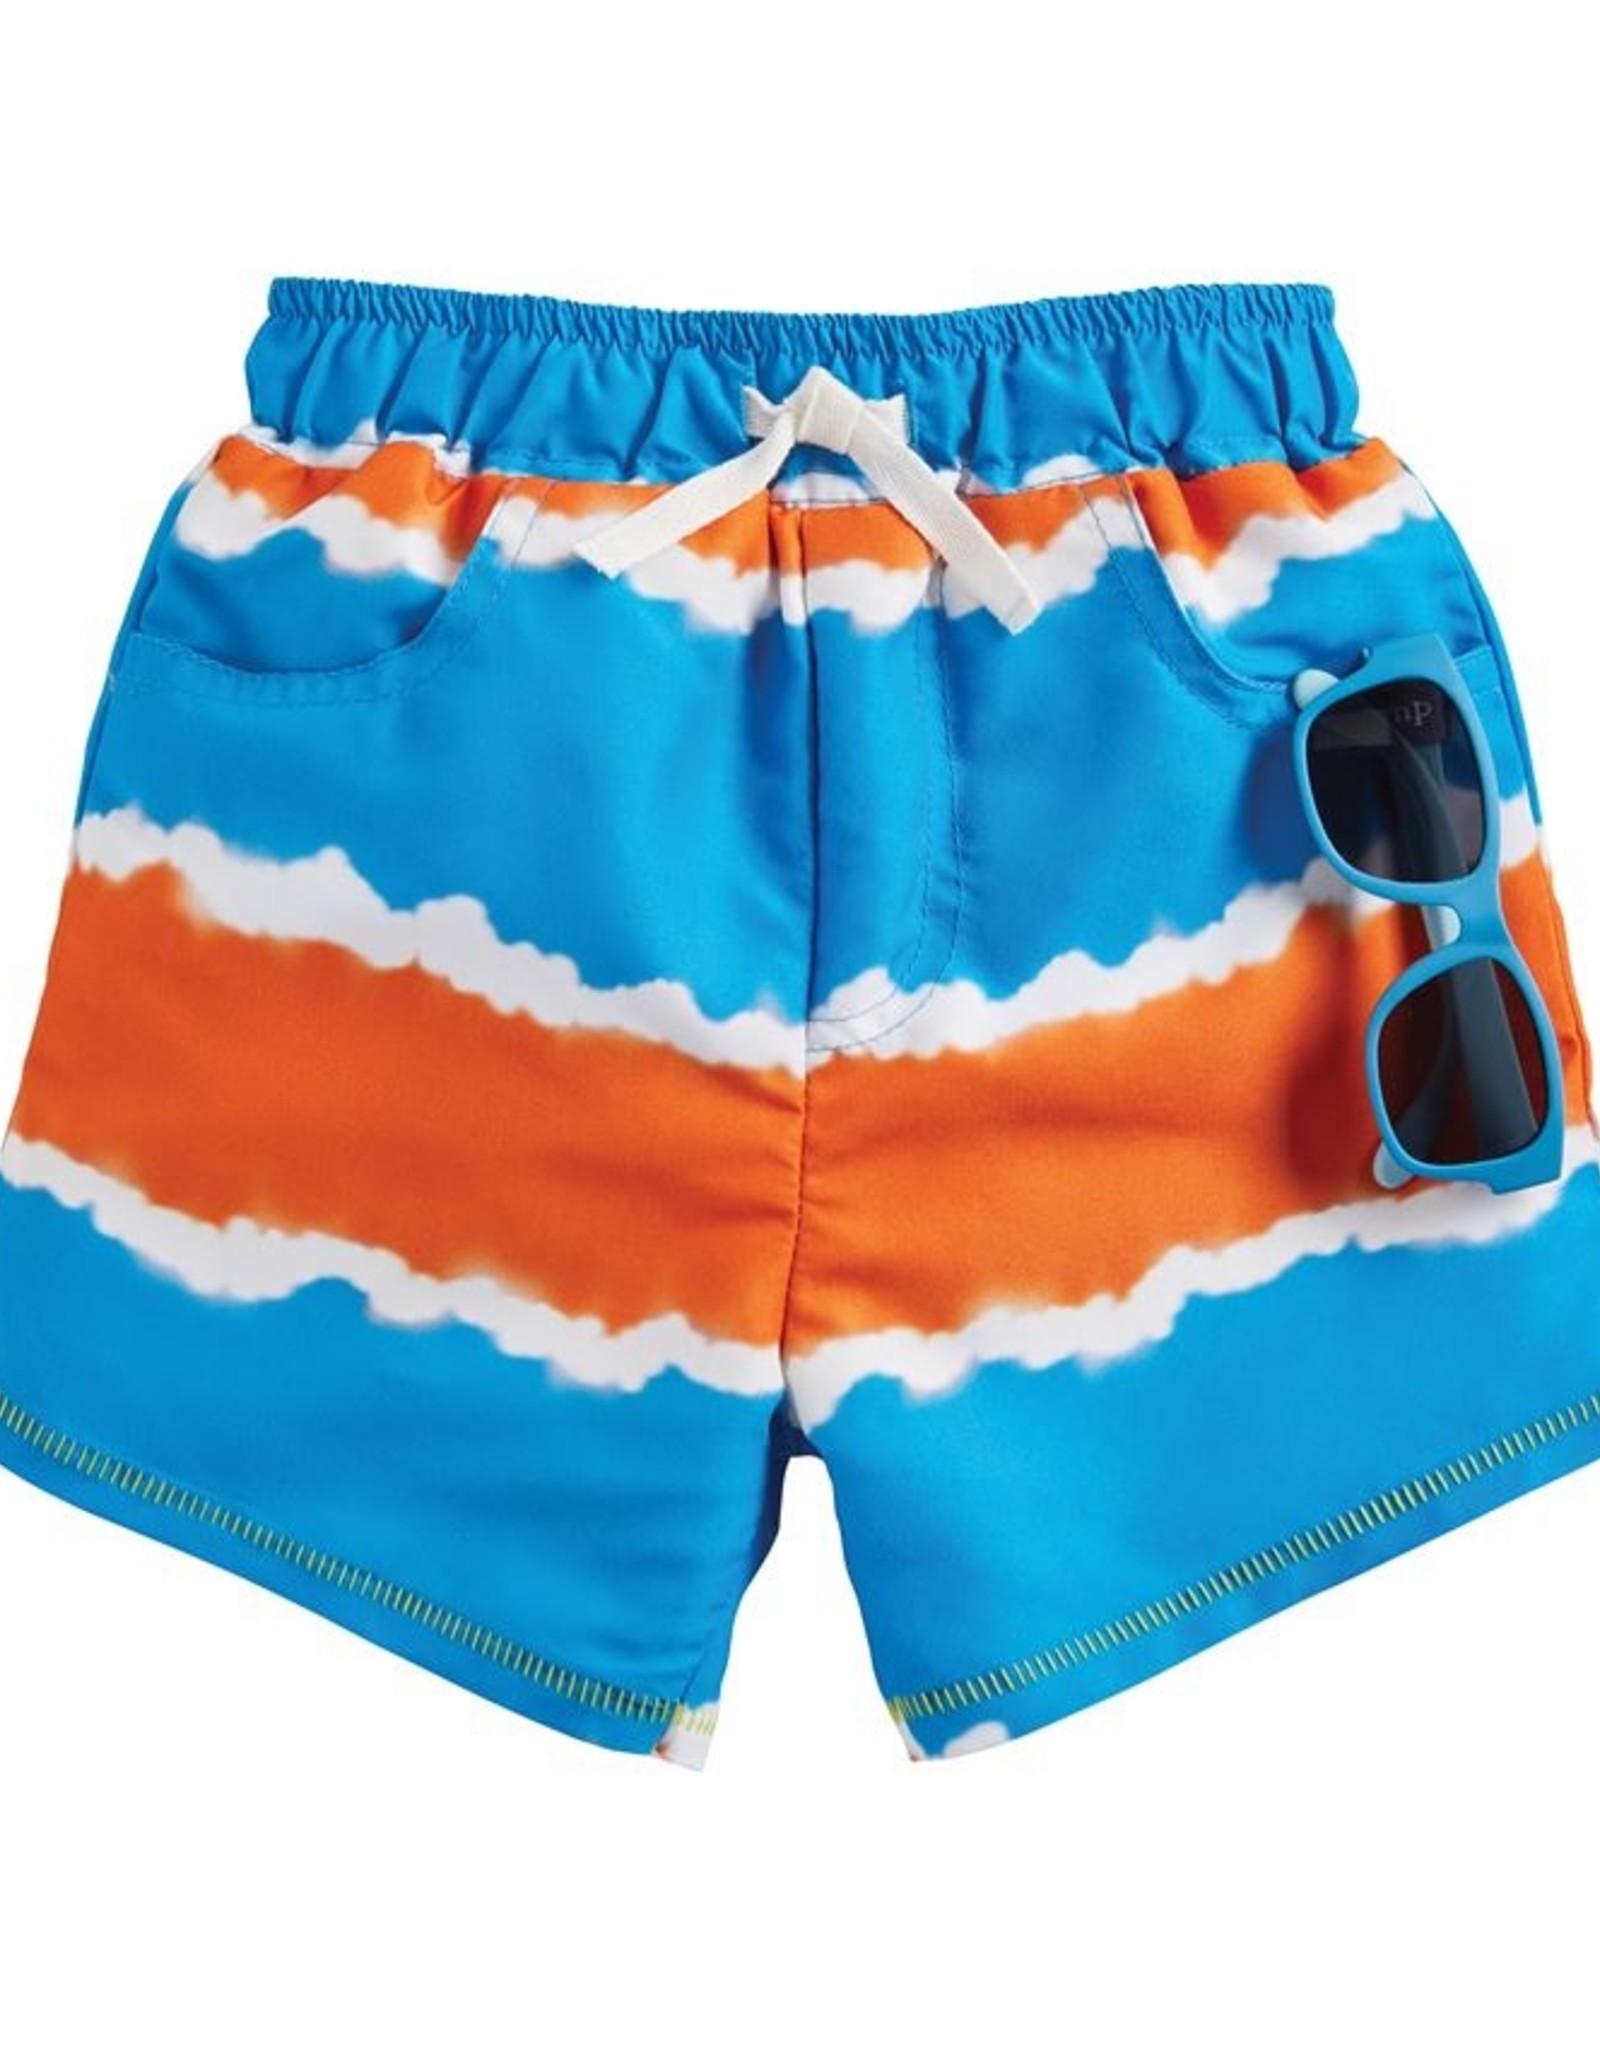 Mud Pie Tie Dye Stripe Swim Trunks w/ Sunglasses